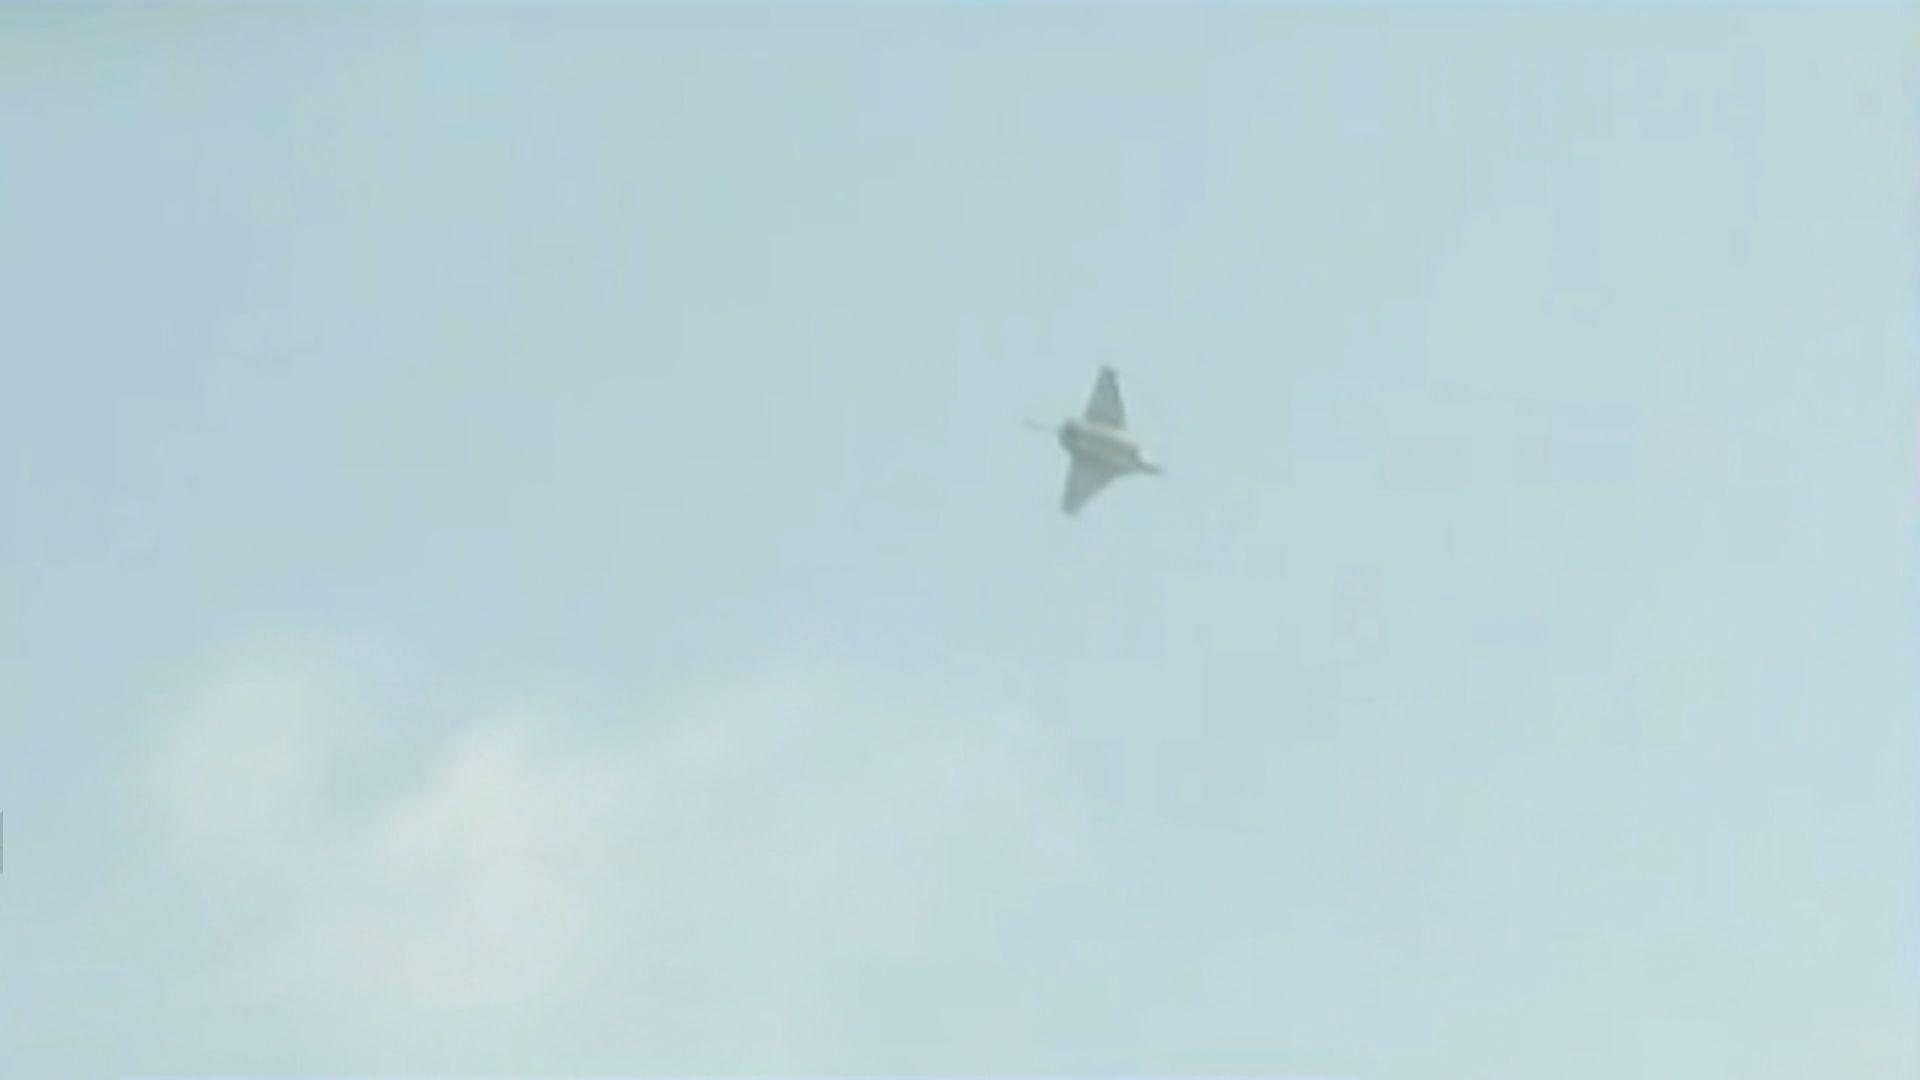 巴黎戰機超音速飛行發出巨響 一度引起恐慌